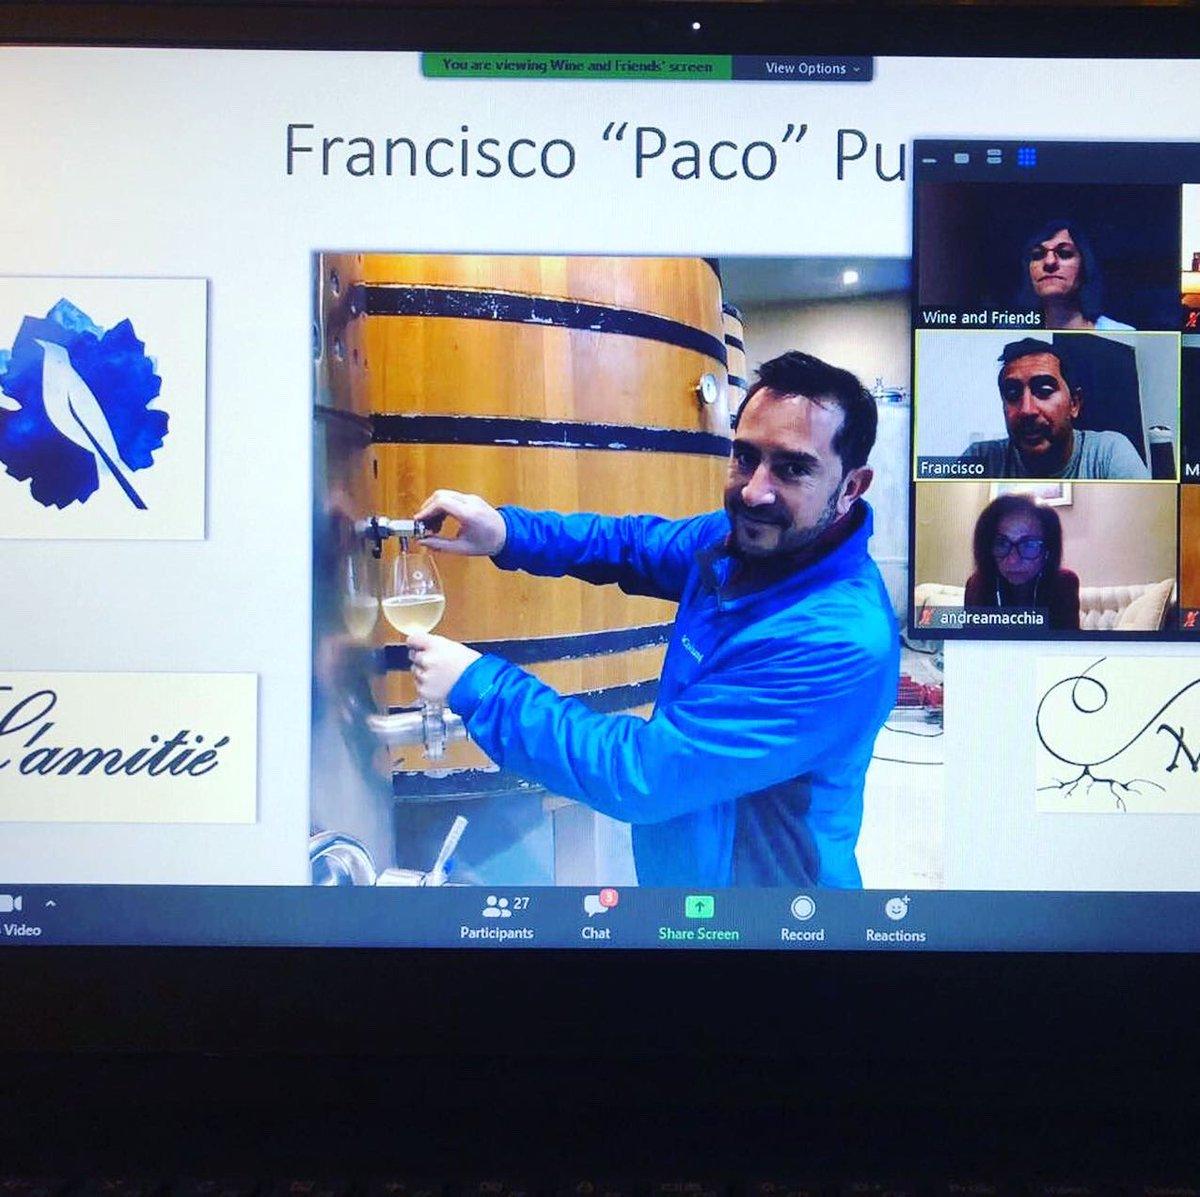 Felices con la charla #virtual  que tuvimos con @PacoPuga1 y @degege en #cuarentena ! Una vez más quedo demostrado q  #elvinoune   presentes @tordoswines @mugroncafayate @porvenirwines #lamitie y el #vallecalchaqui #winelover #wineandfriends pic.twitter.com/rSOUoy5bVD